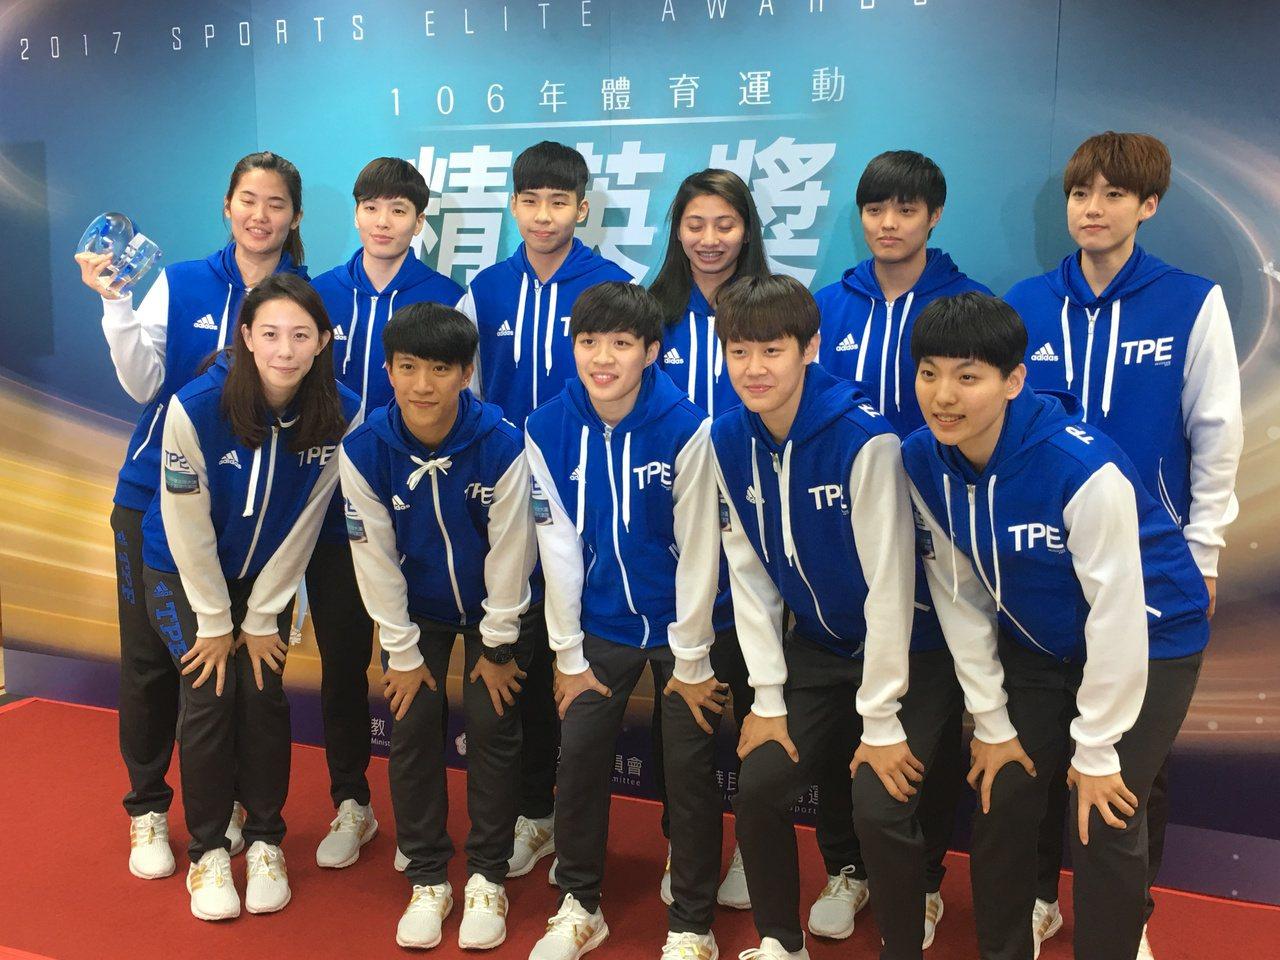 世大運中華女籃隊獲得最佳運動團隊獎。 記者曾思儒/攝影